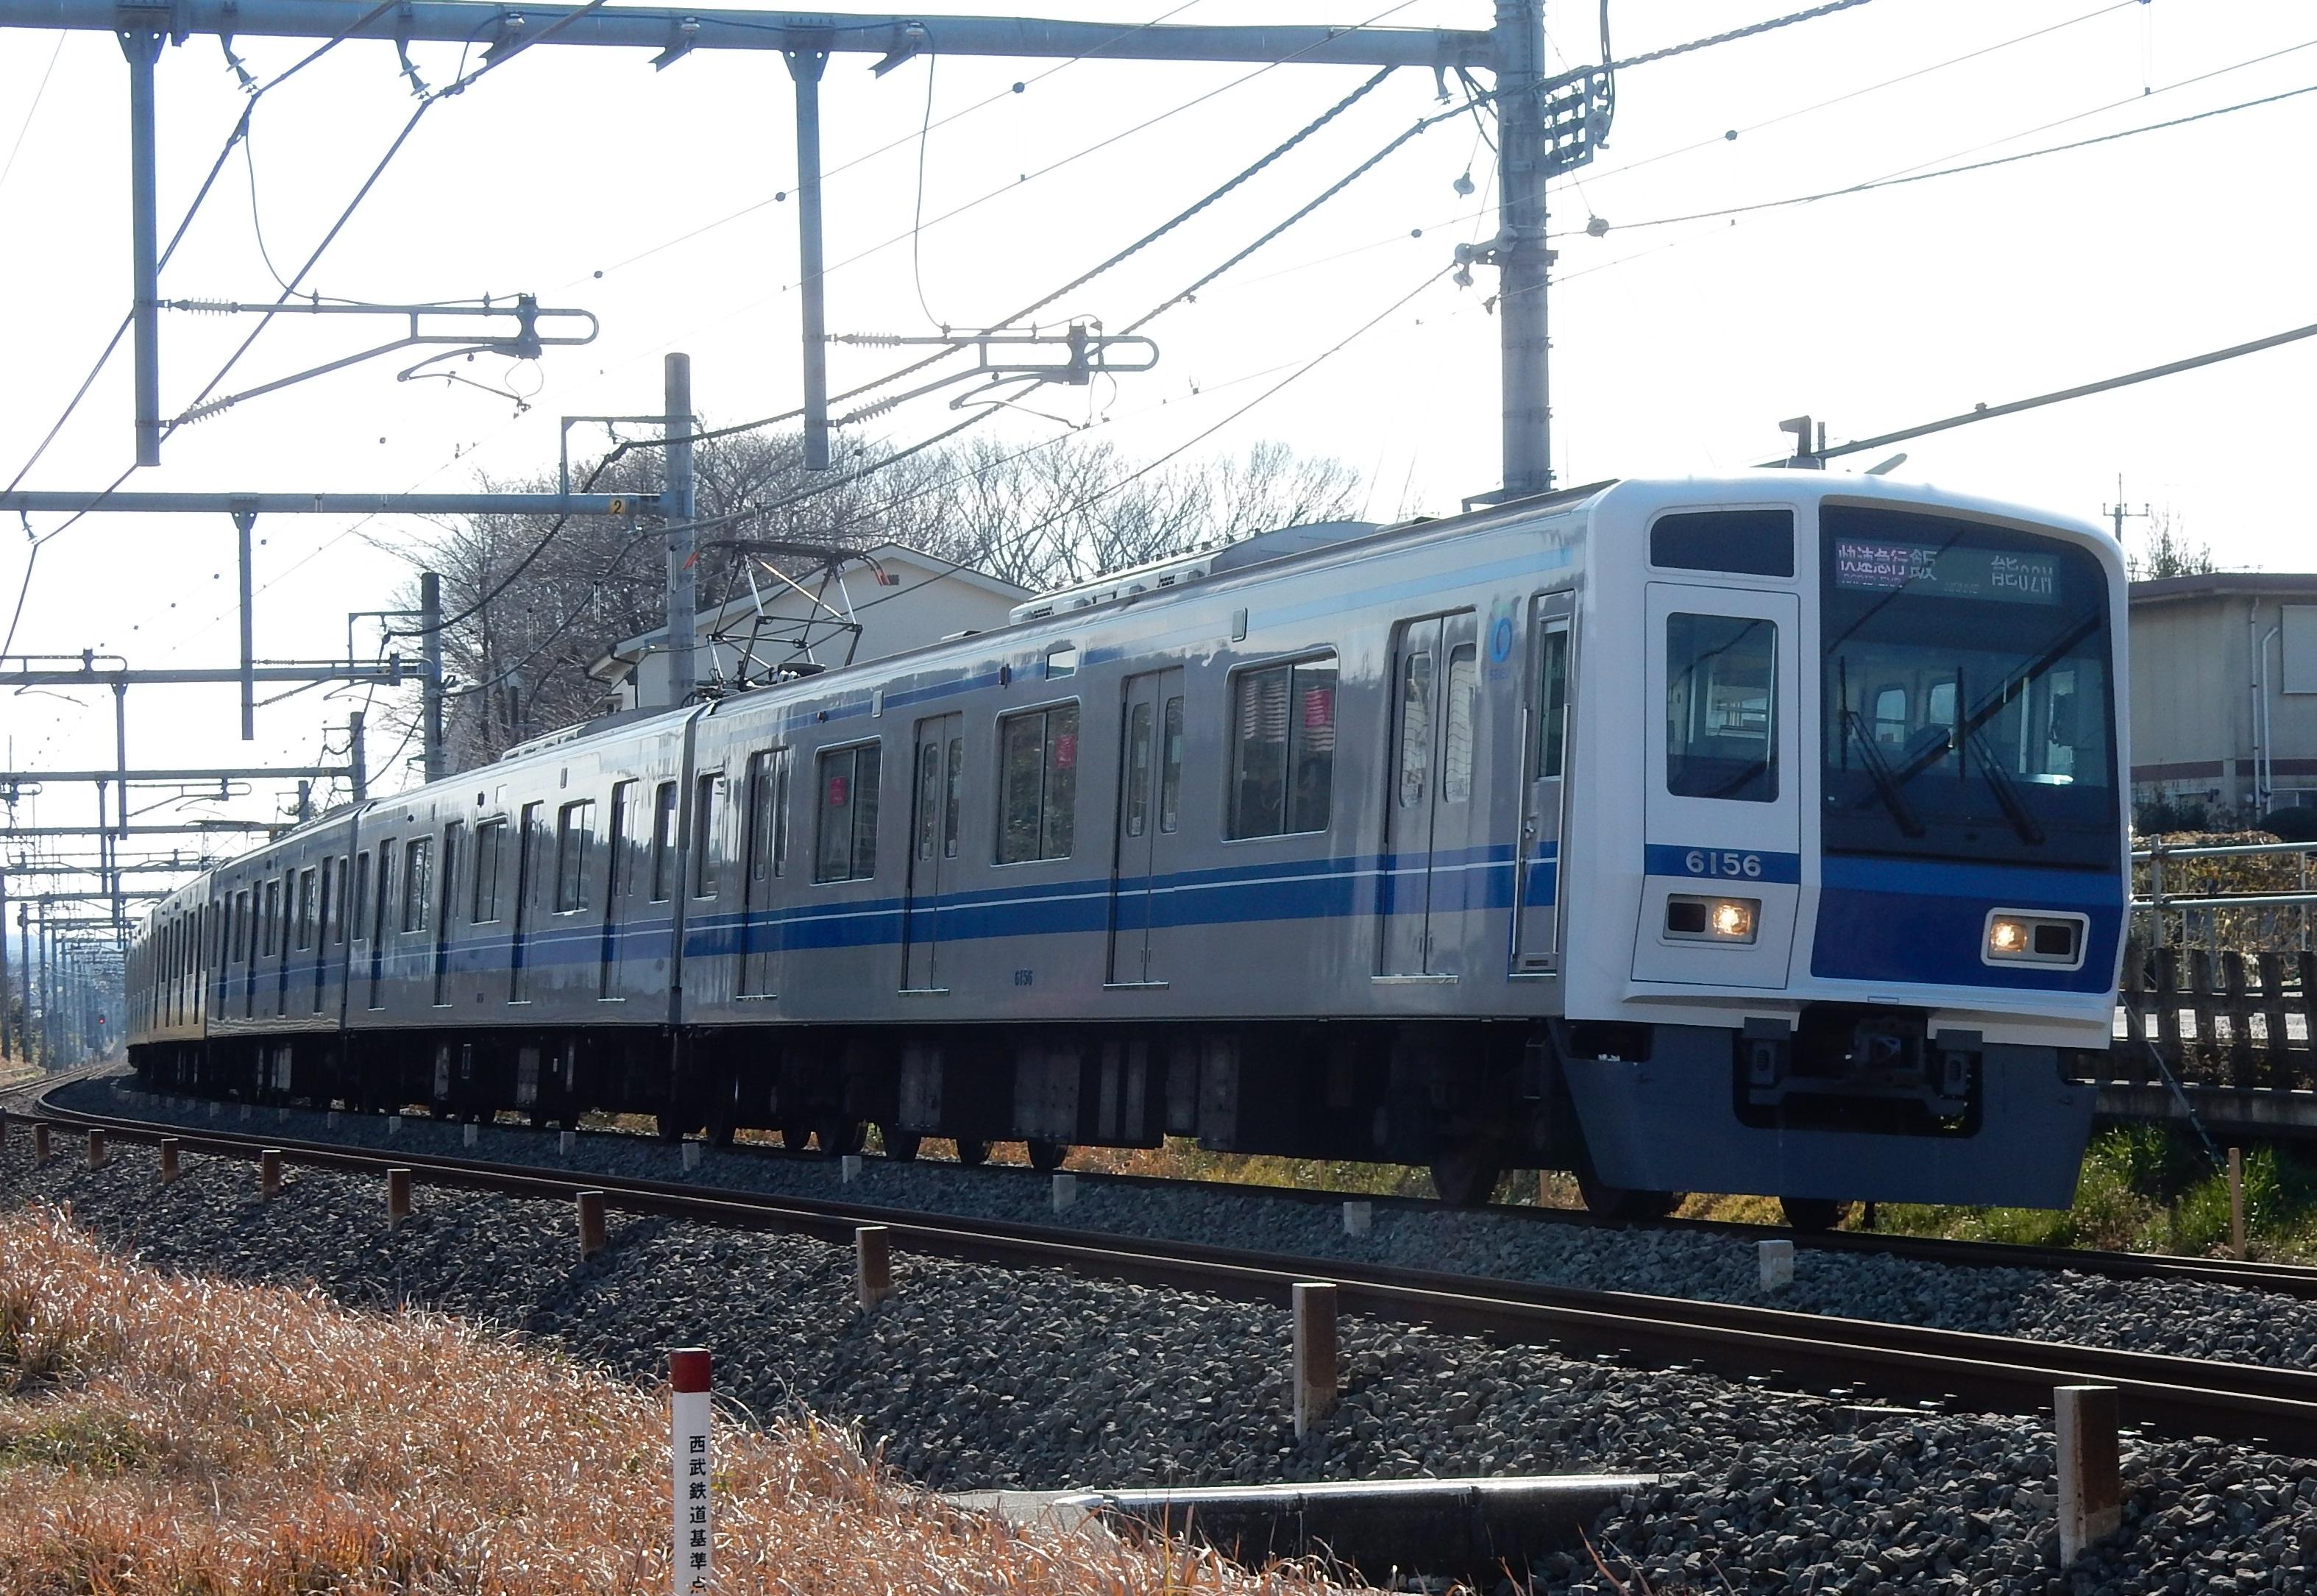 DSCN8744.jpg